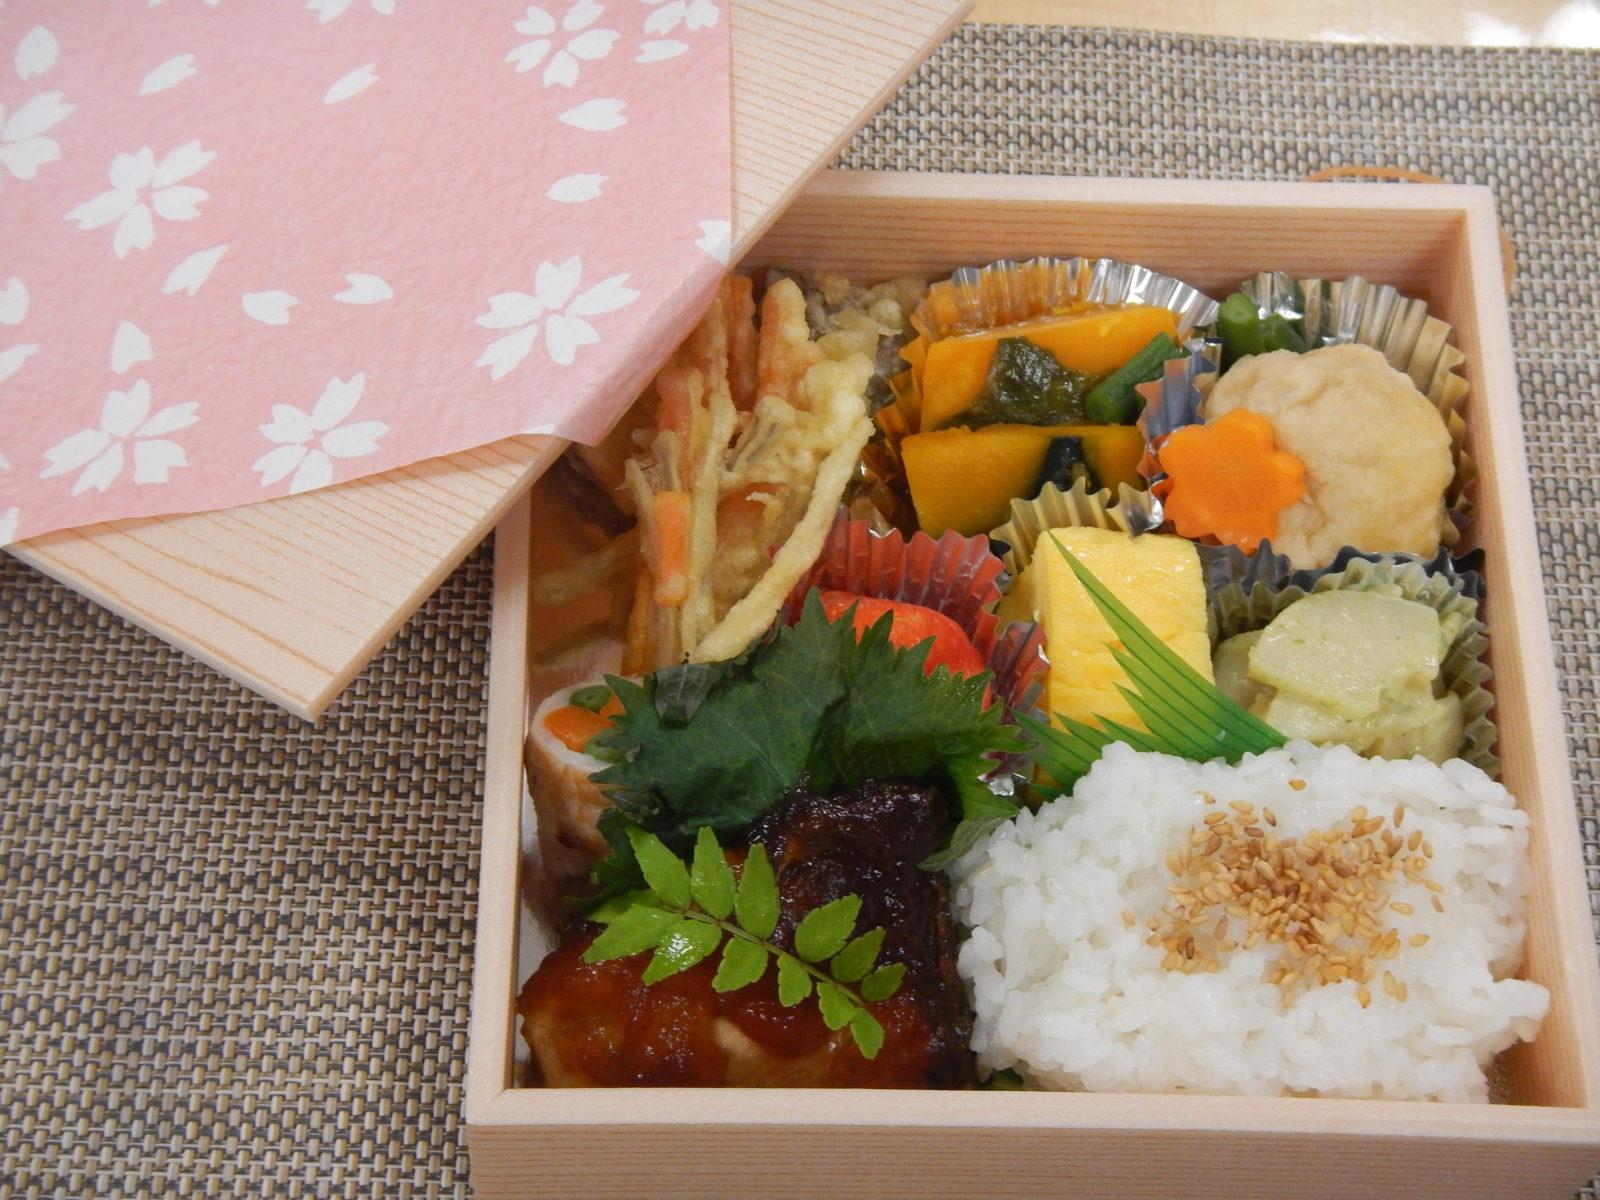 【デイサービスまごのて西陣】「筍料理」&「春のお弁当」